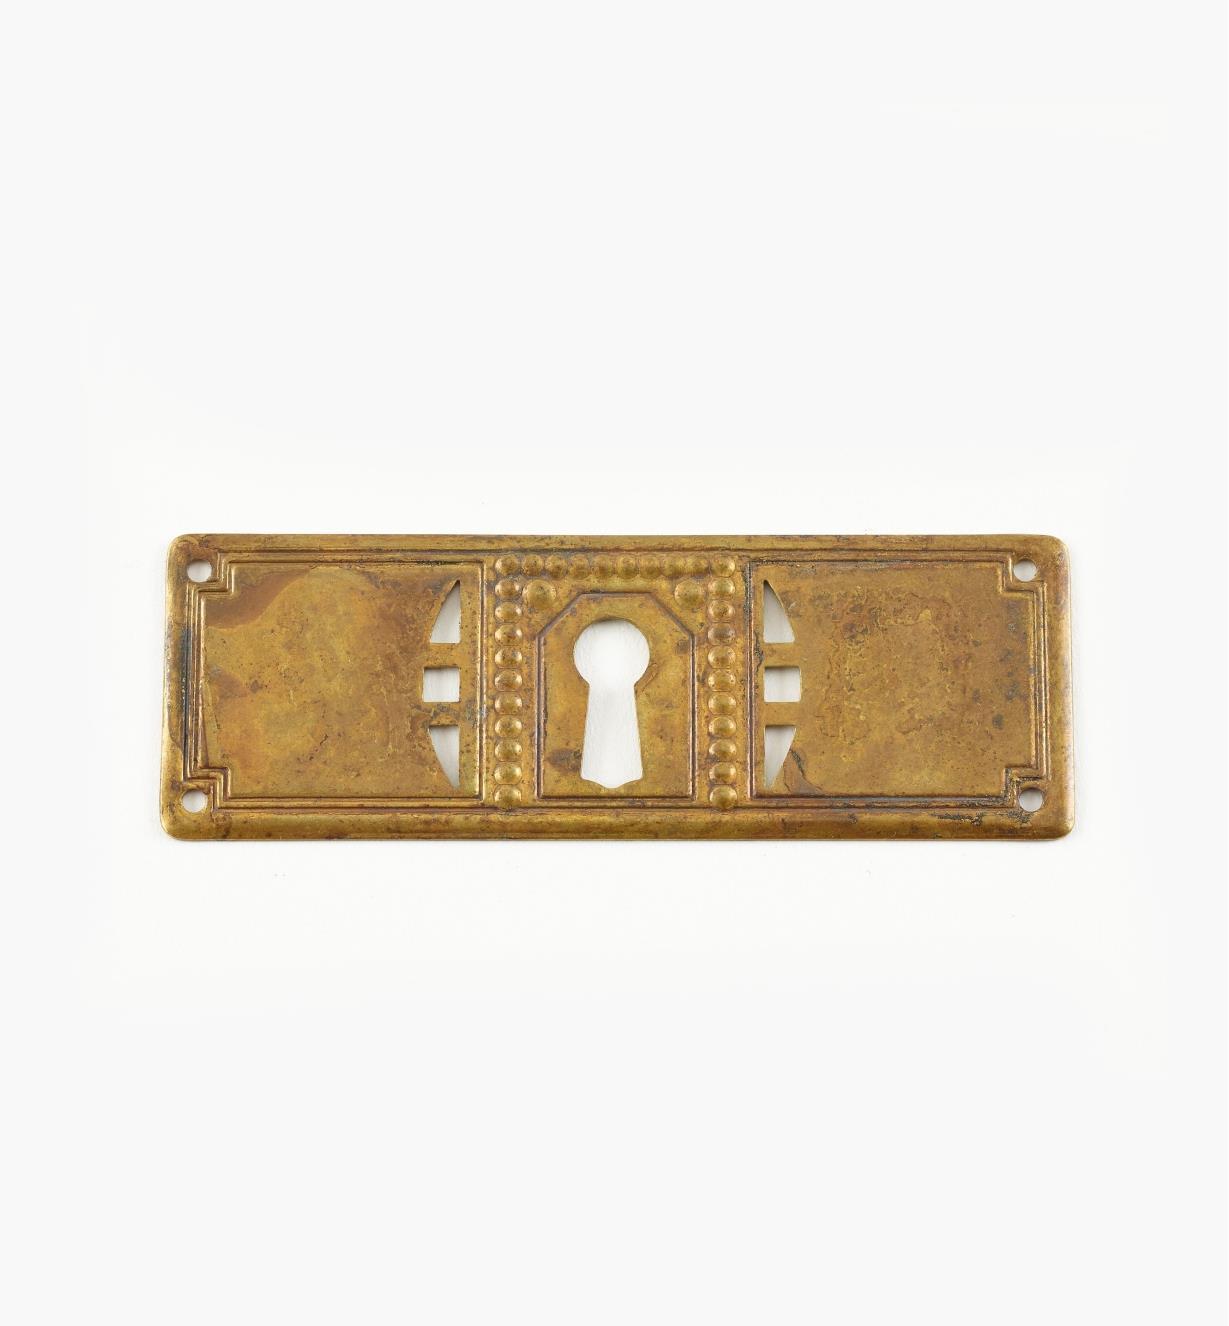 01A5250 - Entrée de serrure horizontale de 3 7/8 po x 1 5/16 po